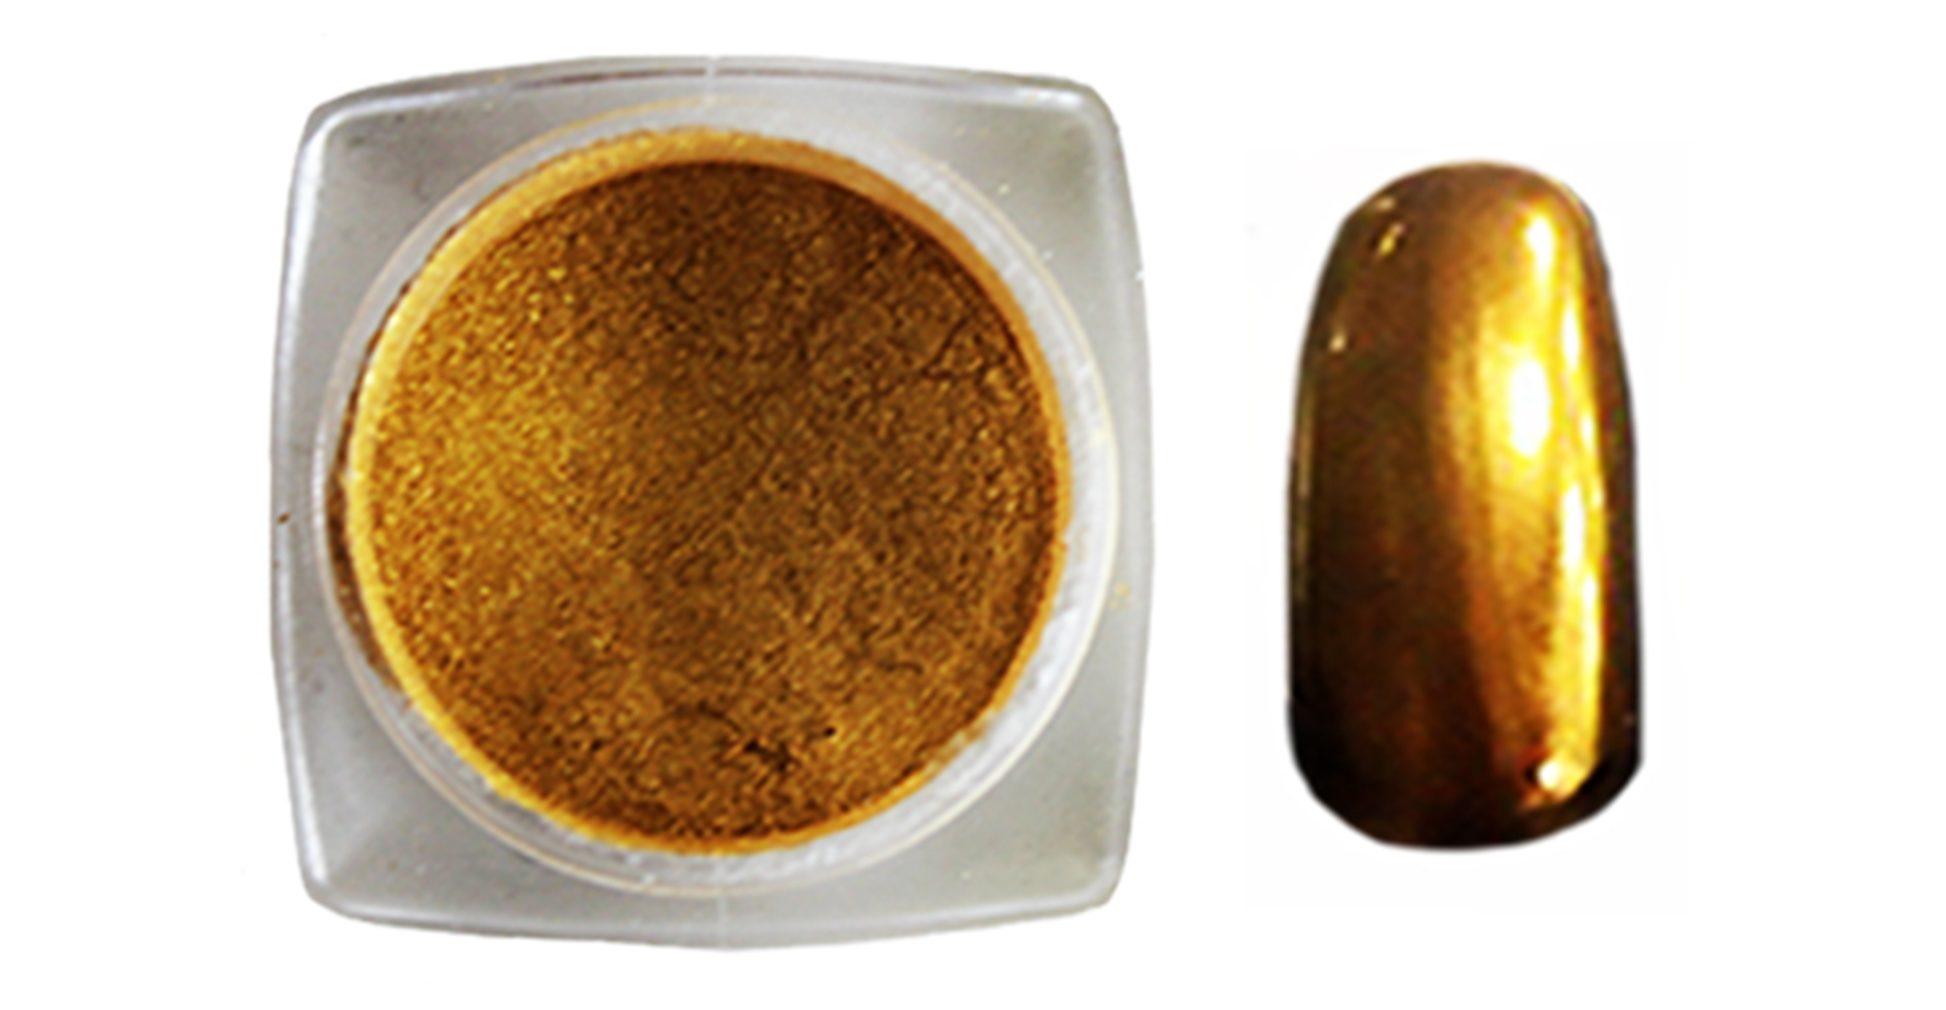 MI-NY Chromatic Mirror Powder 01